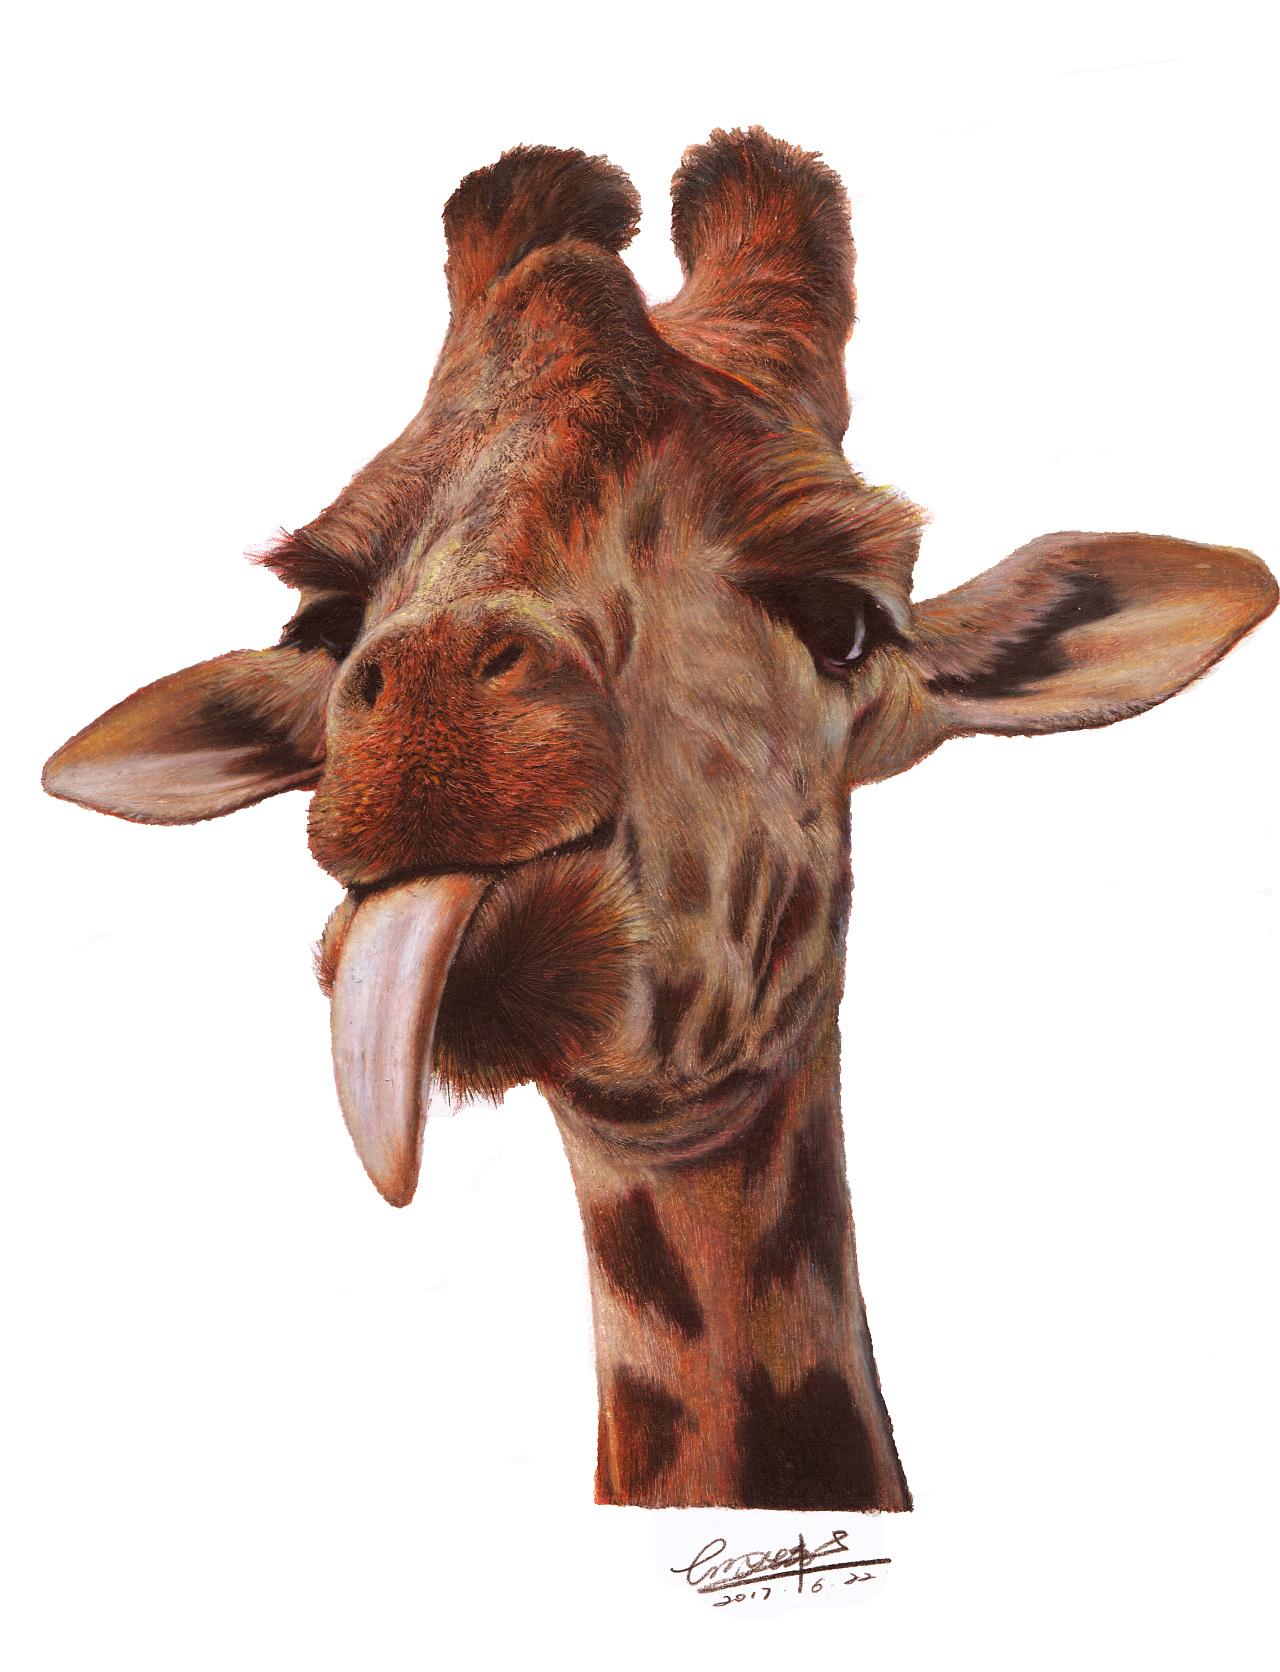 长颈鹿彩铅画_彩铅画《长颈鹿》|纯艺术|彩铅|绘夫美术胡说胡画 - 原创作品 ...